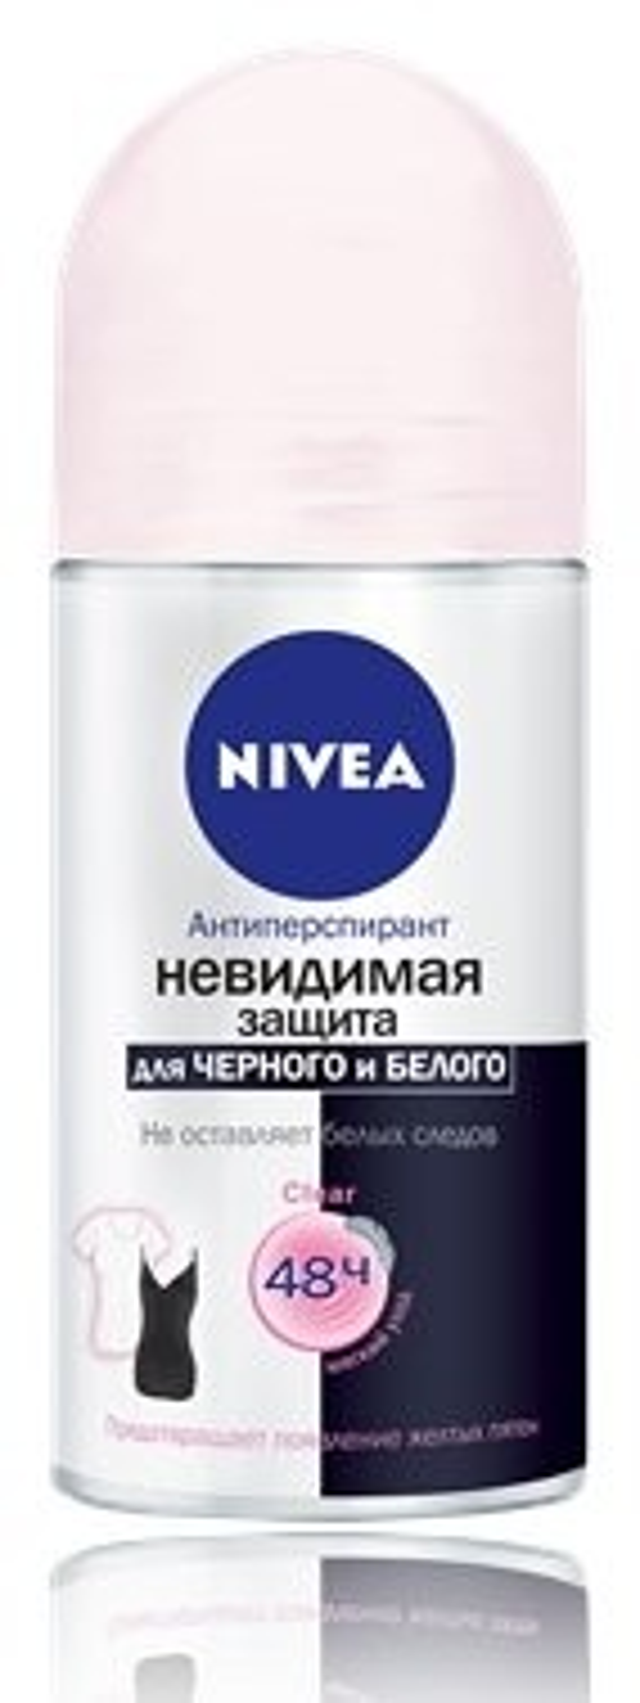 Нивея дезодорант-ролик Невид.защита для черного и белого 50мл 82234 купить в Москве по цене от 149 рублей